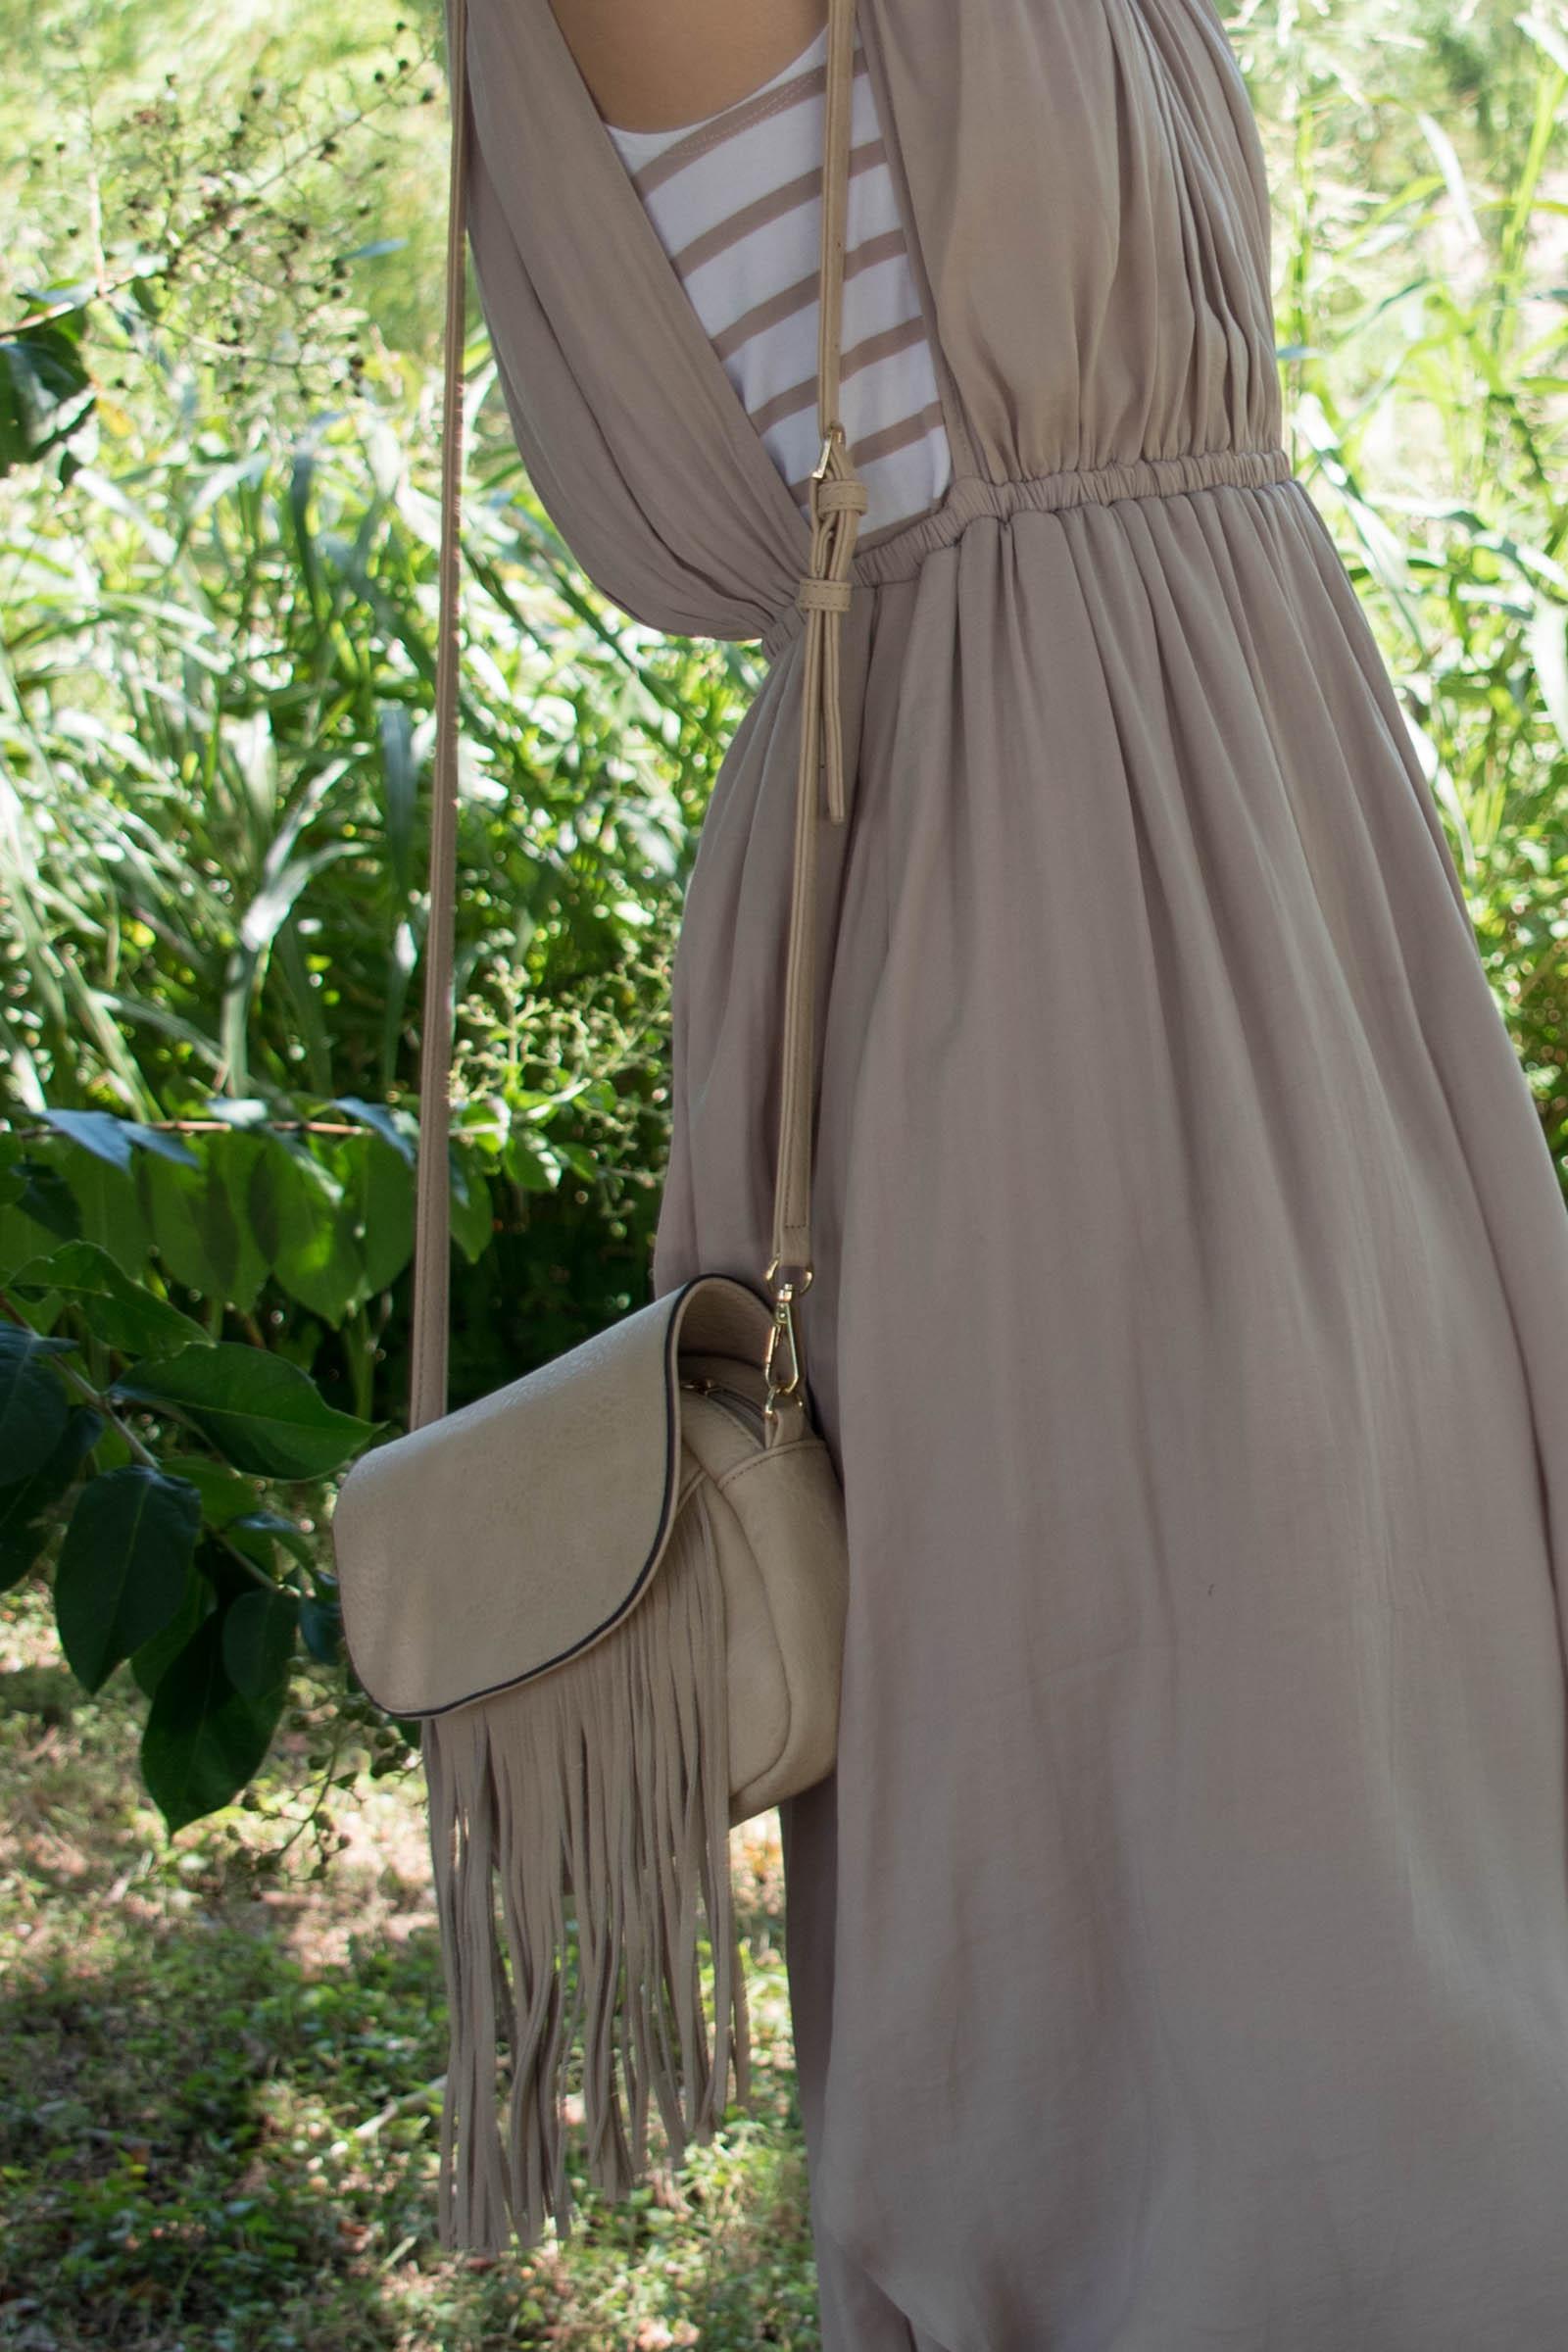 dreamy summer dress